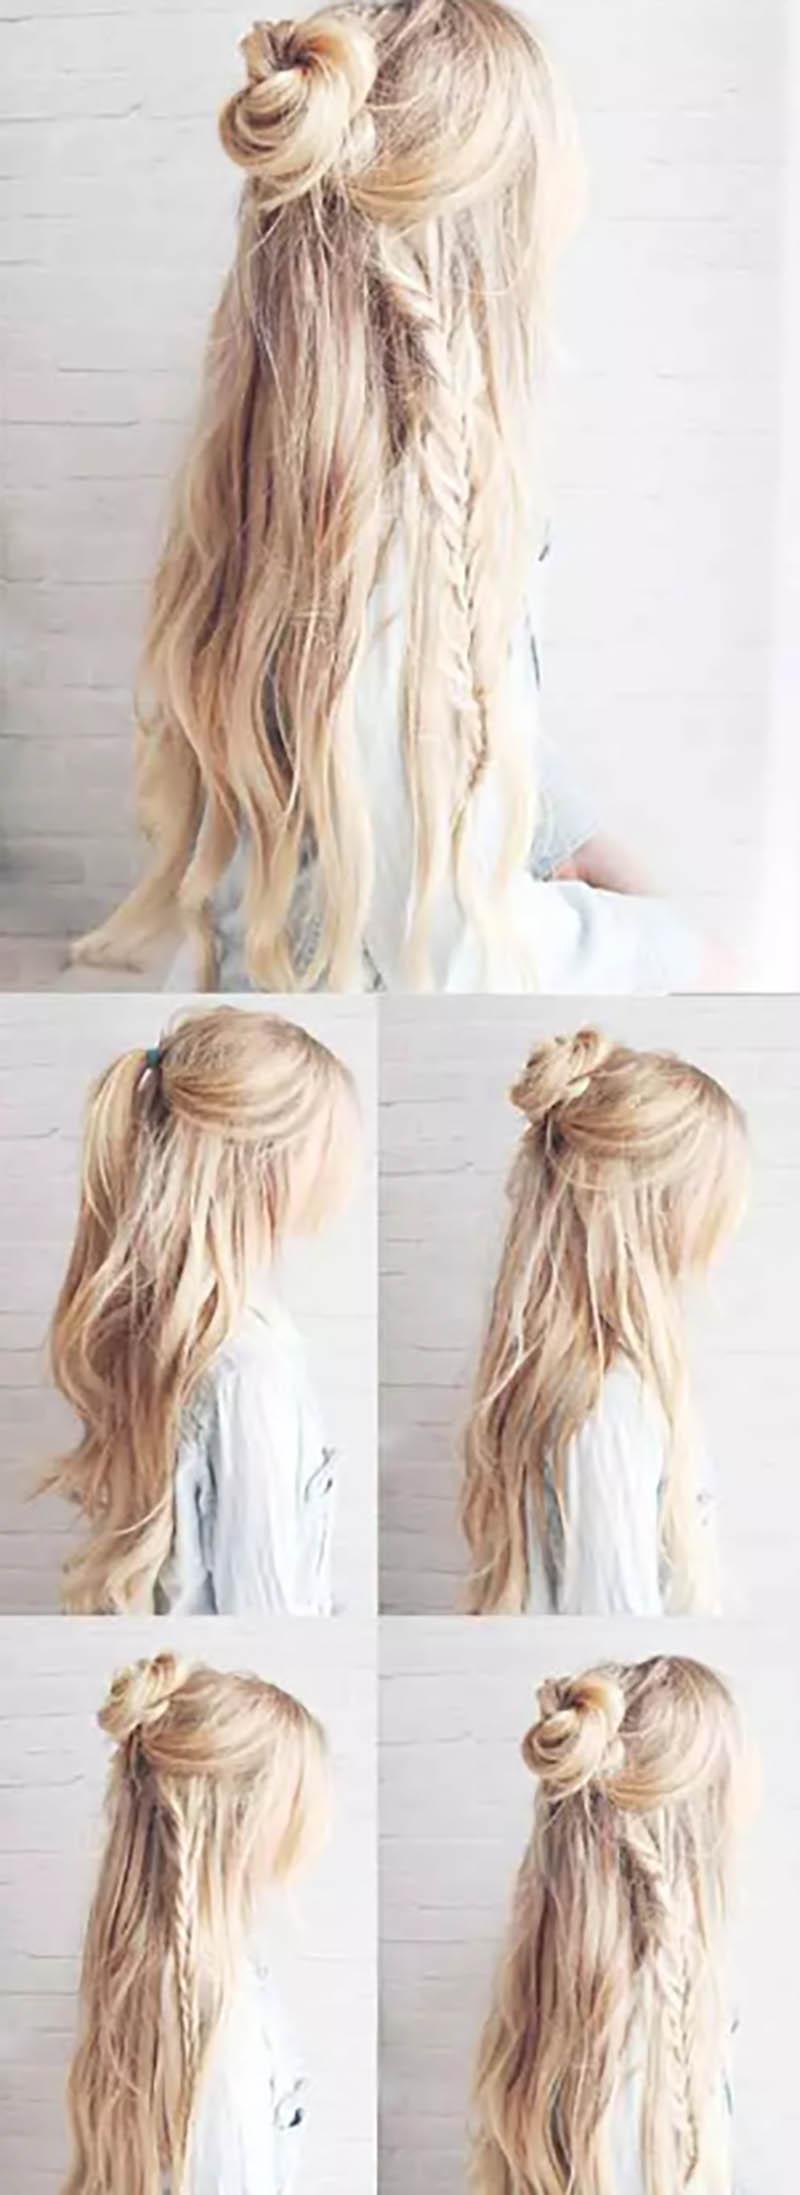 Bím tóc thắt một bên và cuộn hình hoa